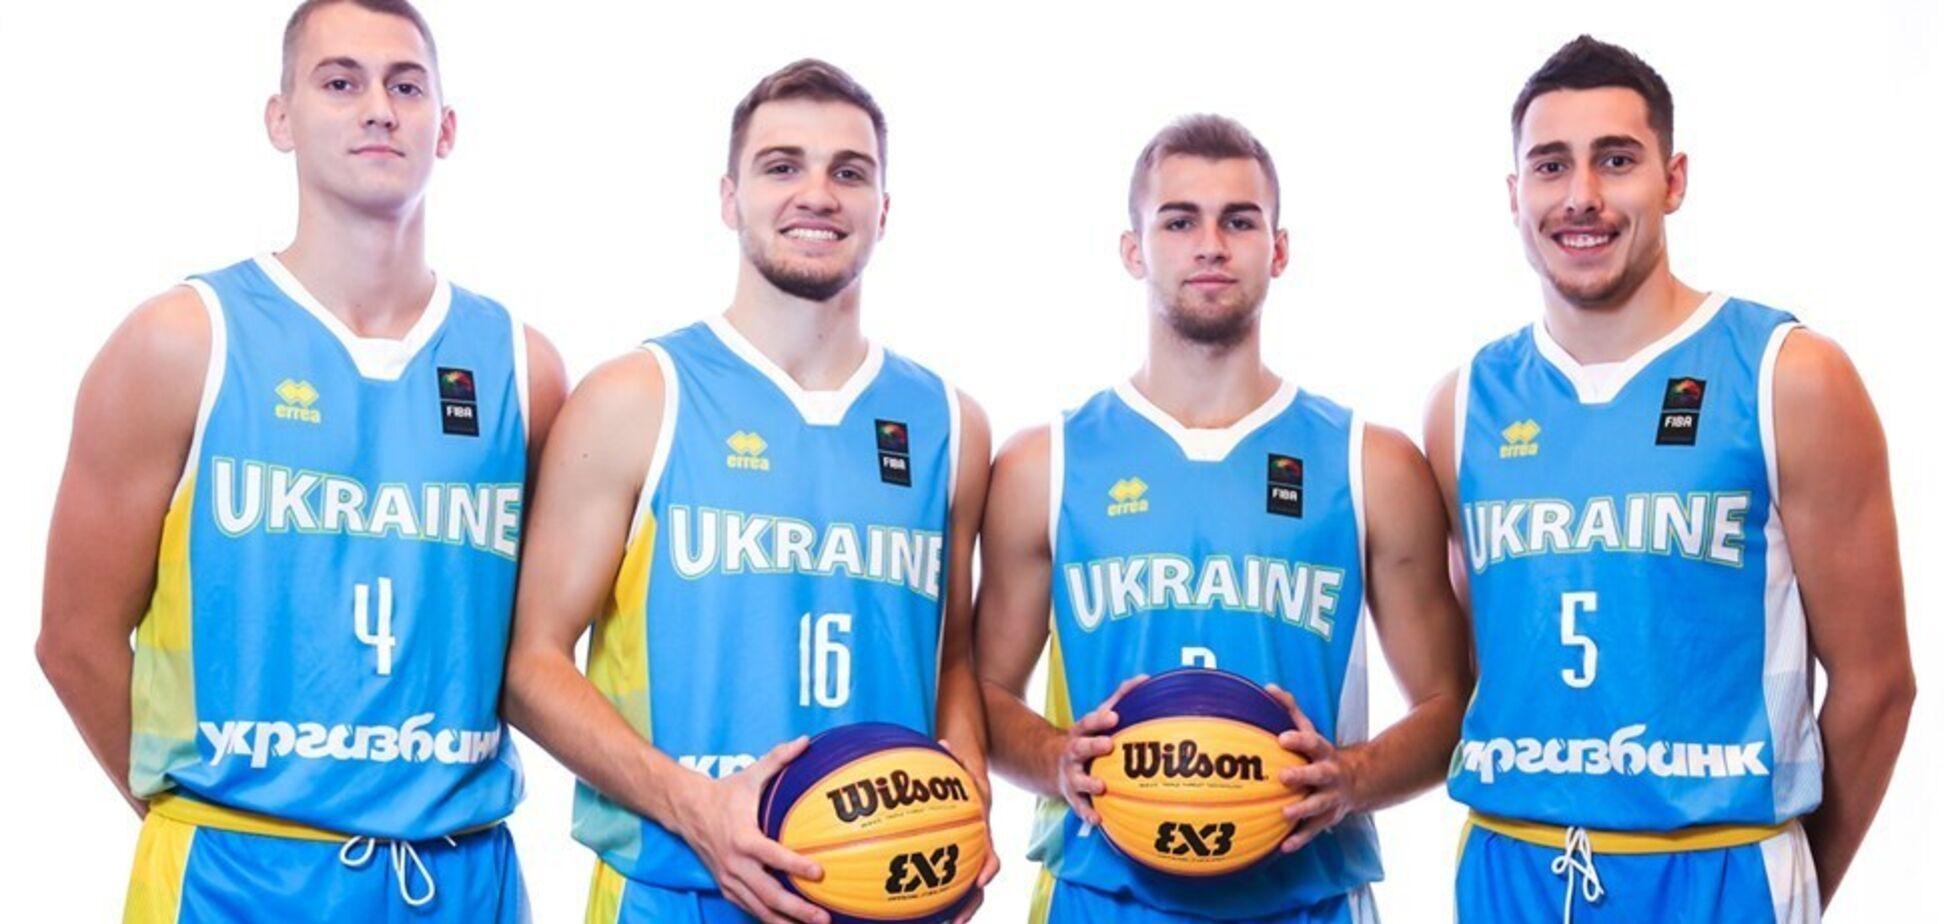 Украинцы с двух побед стартовали на ЧМ U-23 по баскетболу 3х3